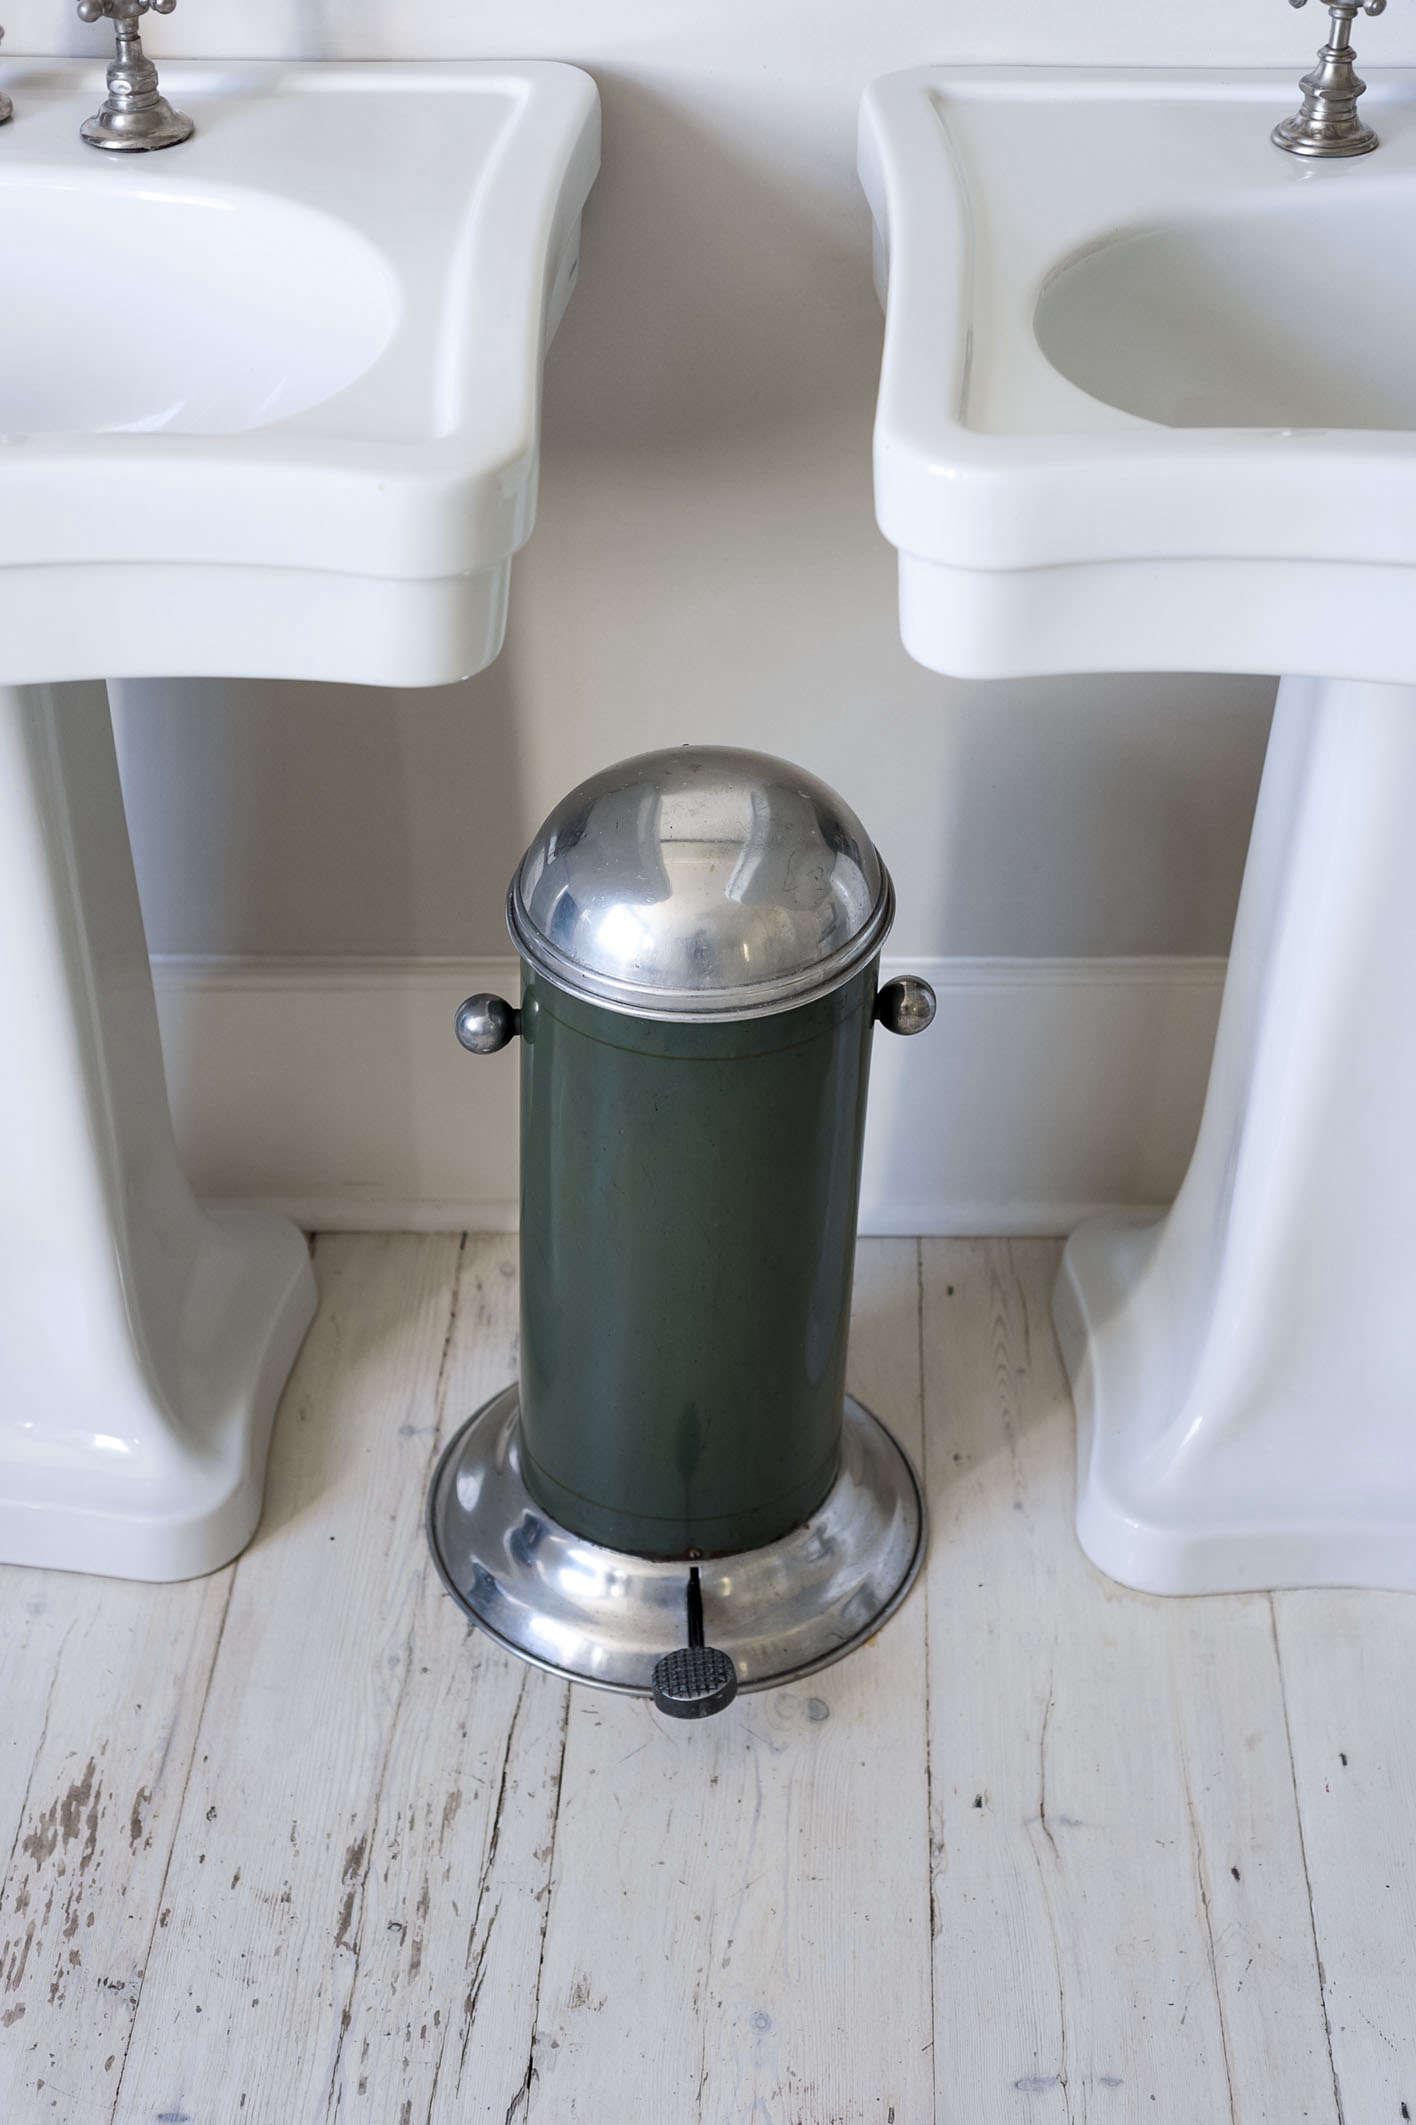 Vintage green vintage trash can bathroom pedestal sinks